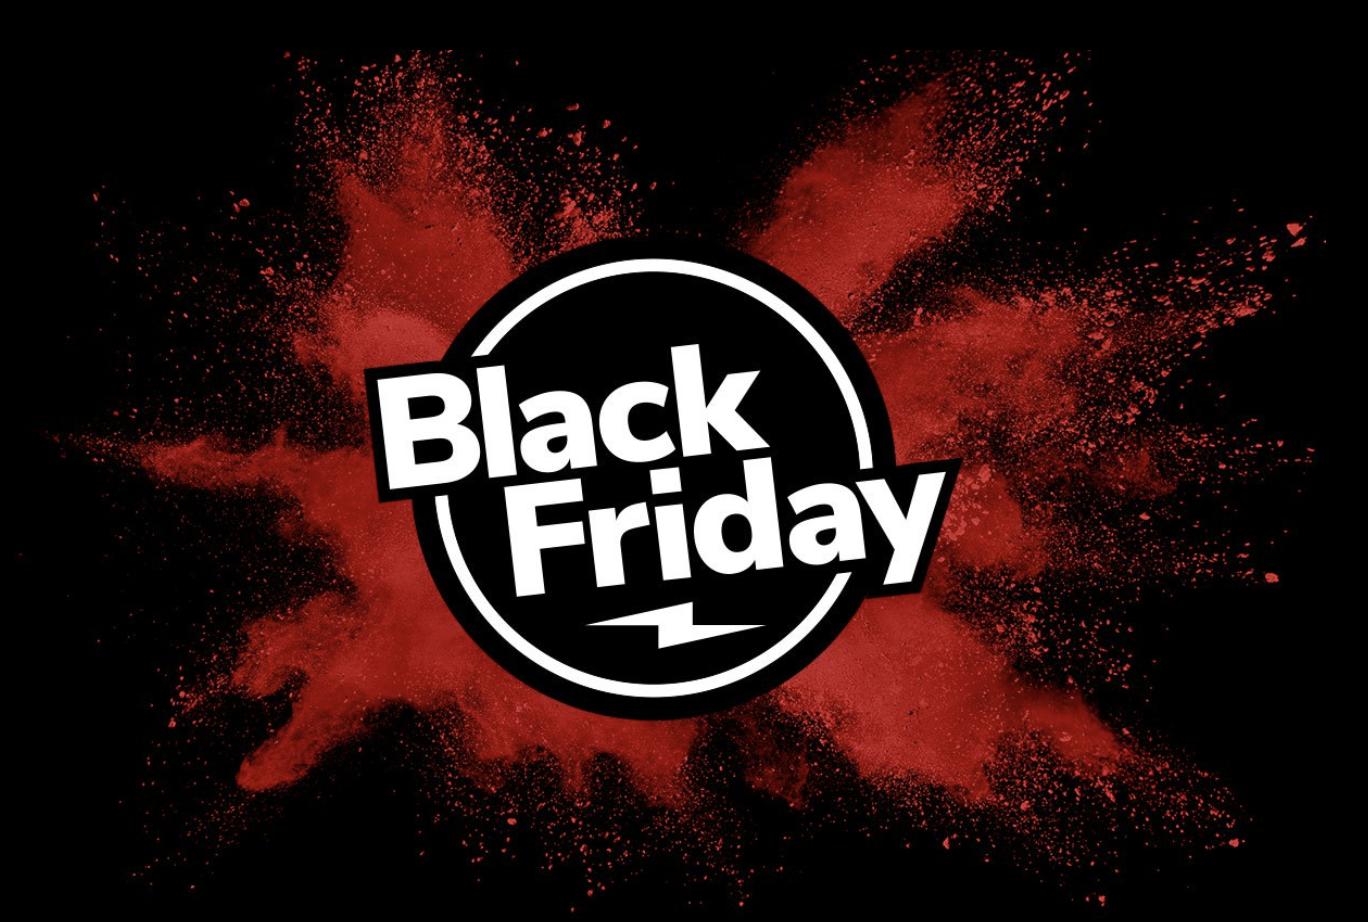 Verkkokauppa Black Friday